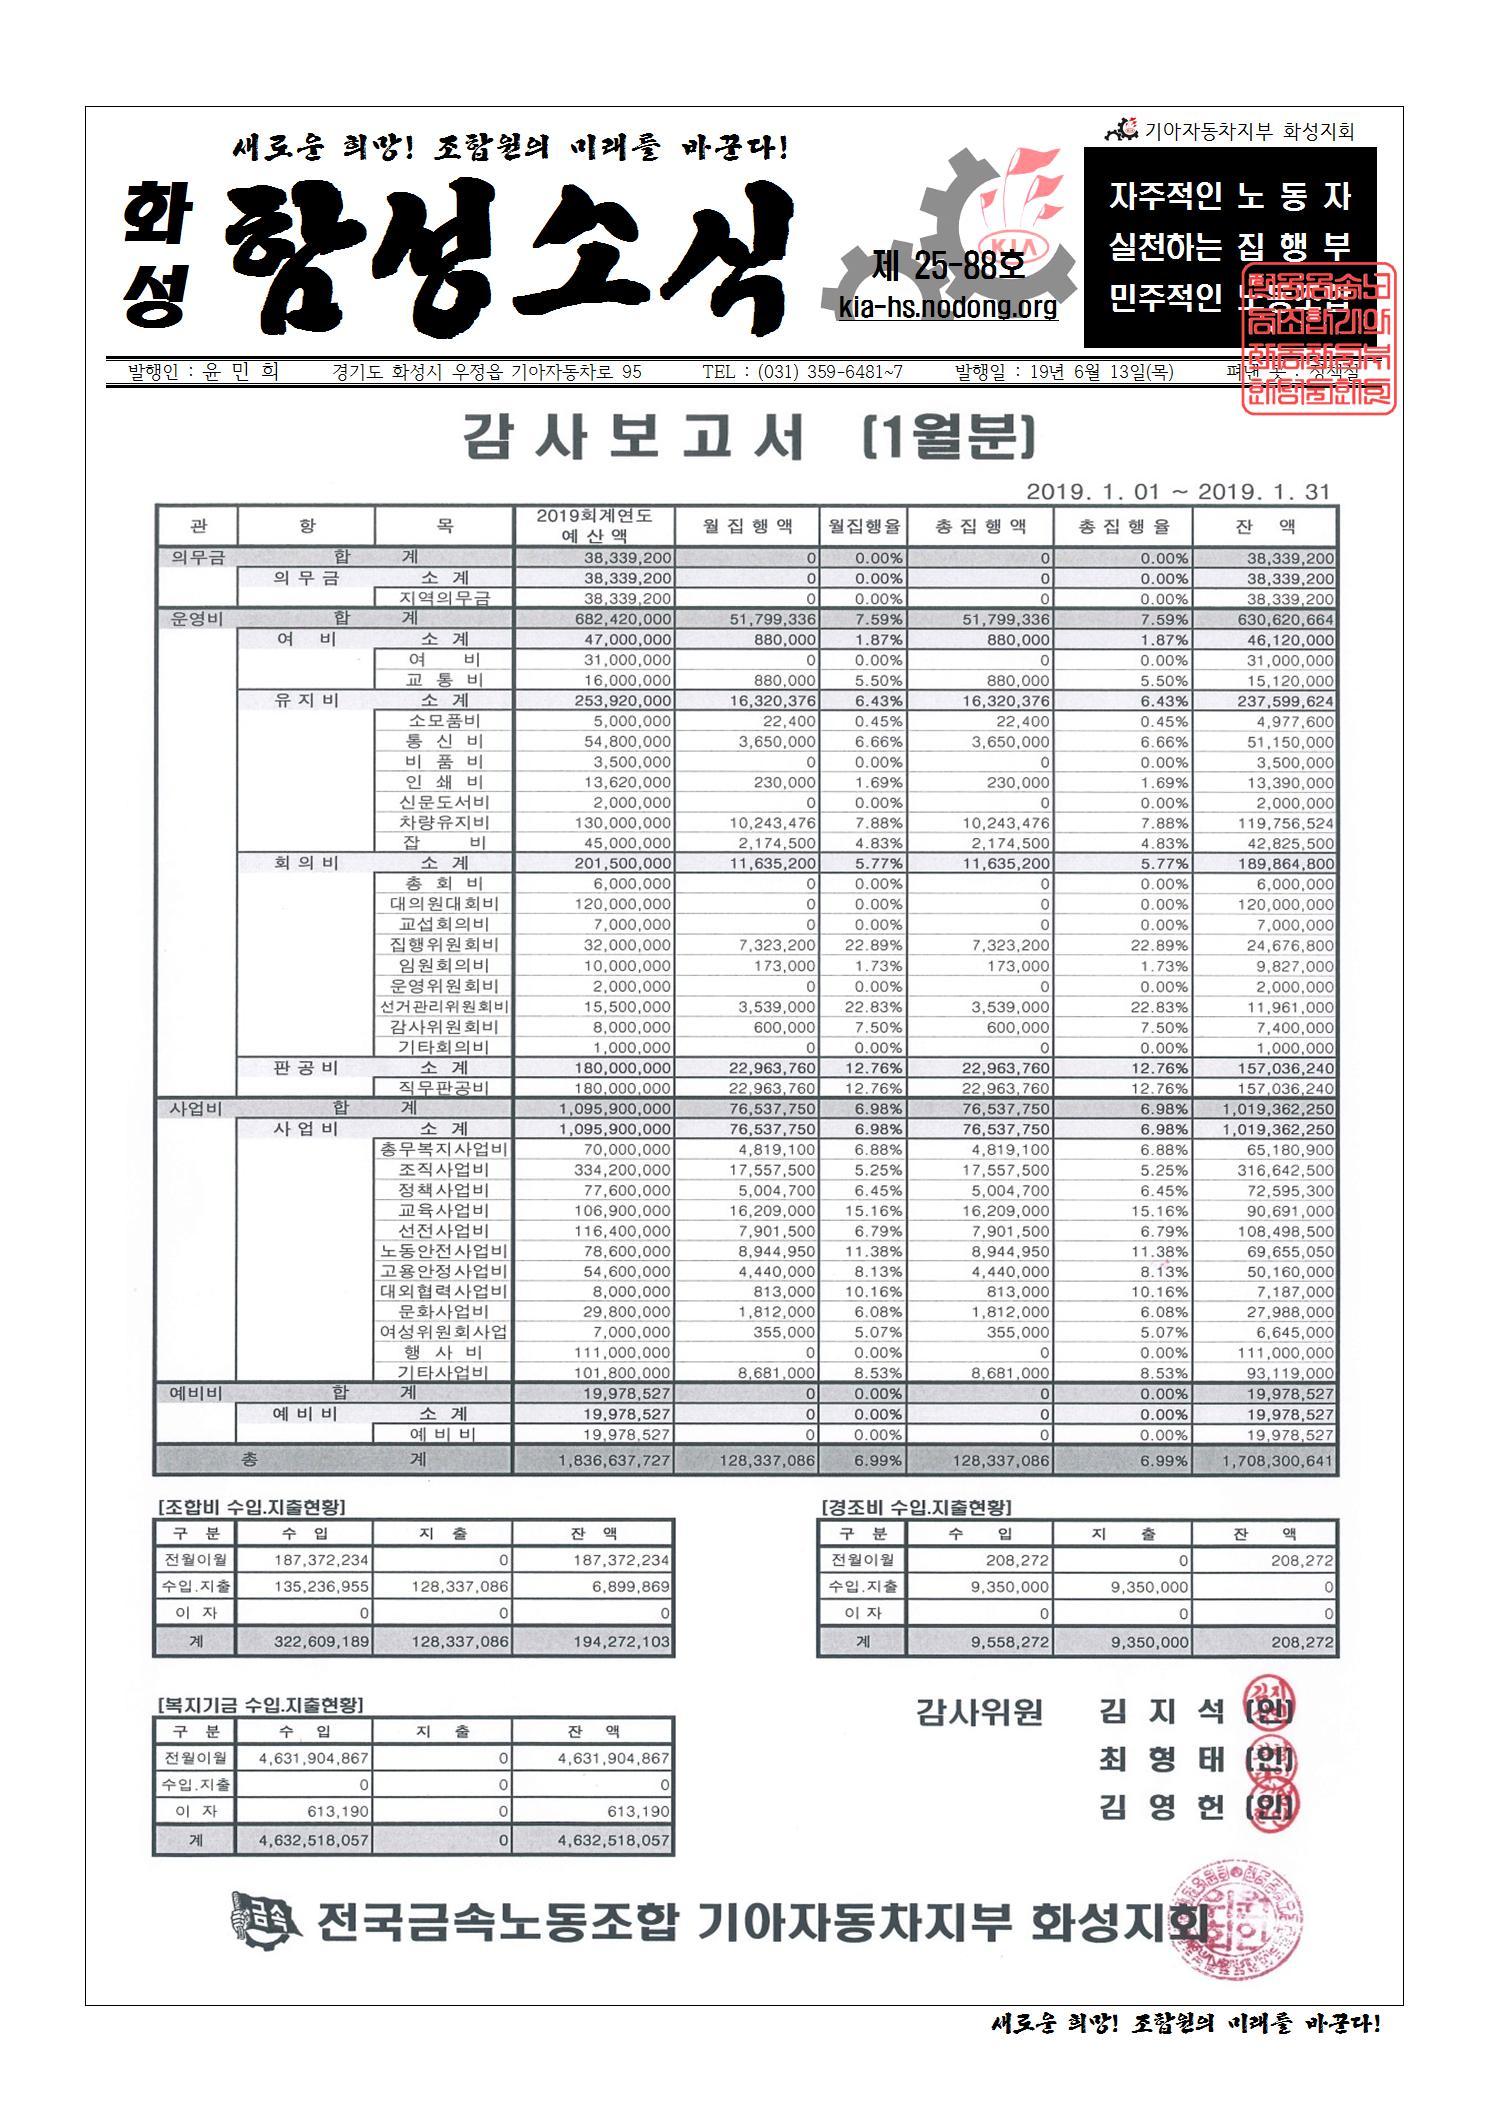 함성소식 25-88001.jpg